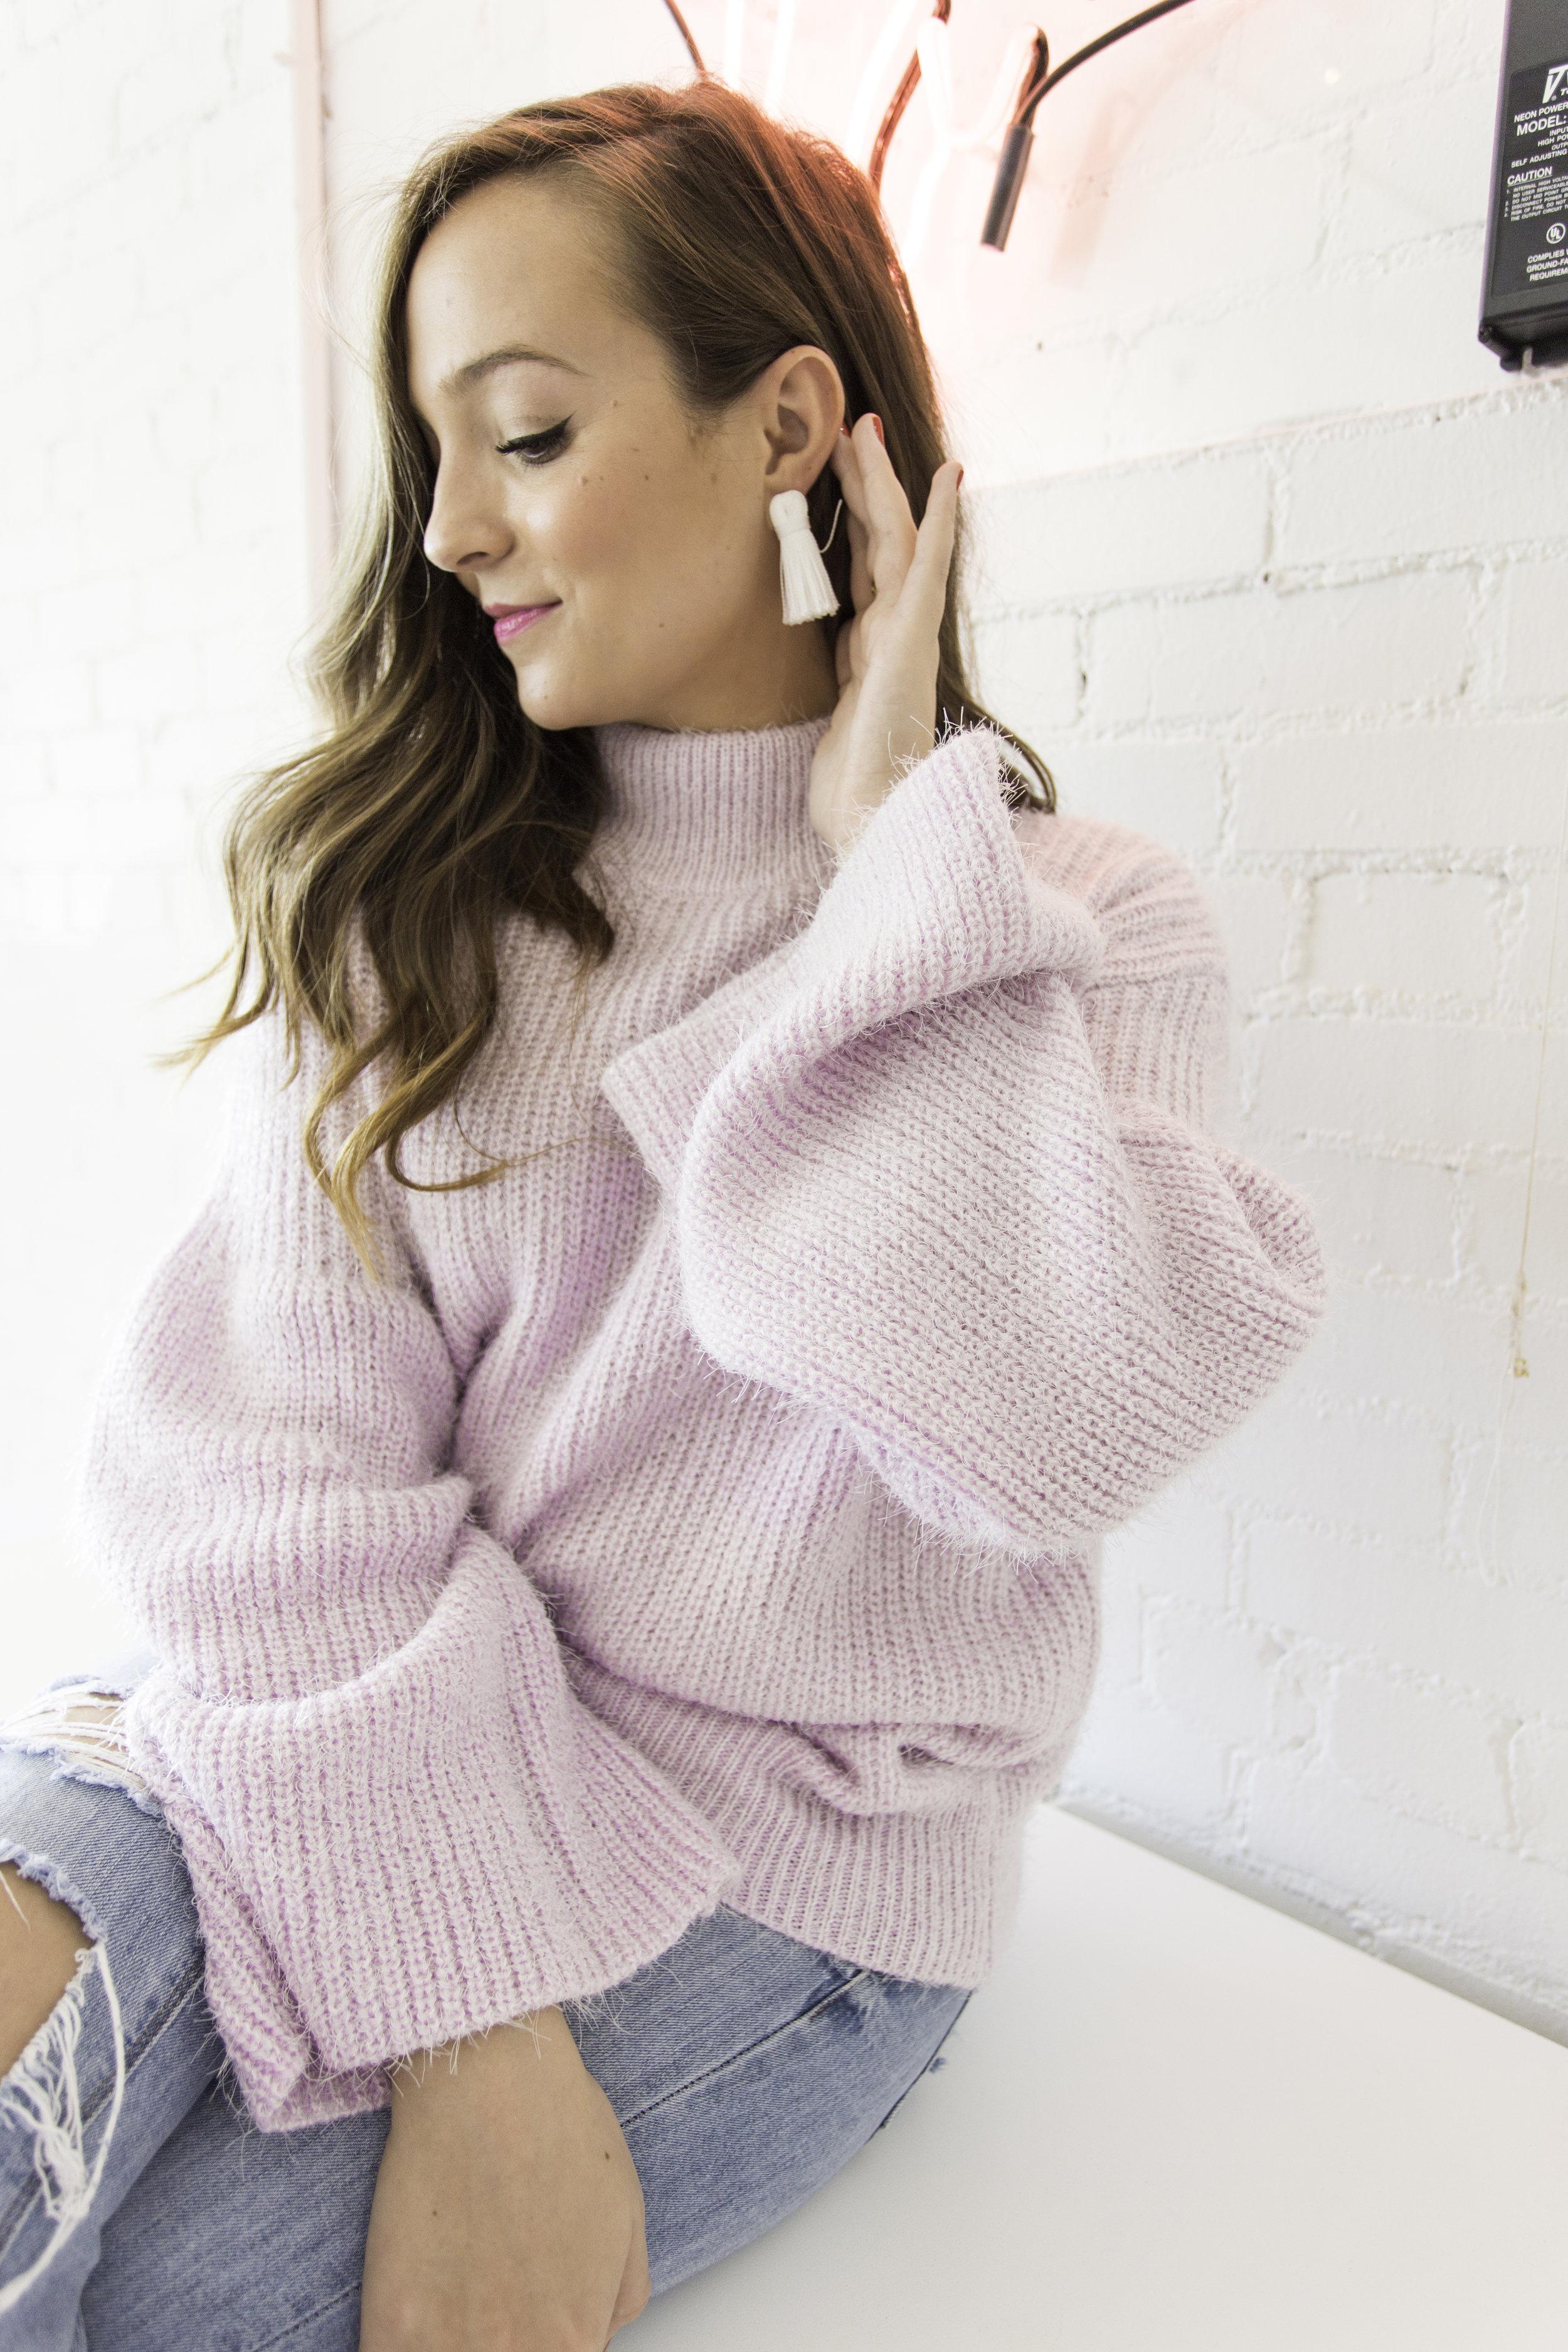 Pink High-neck sweater + Tassel earrings